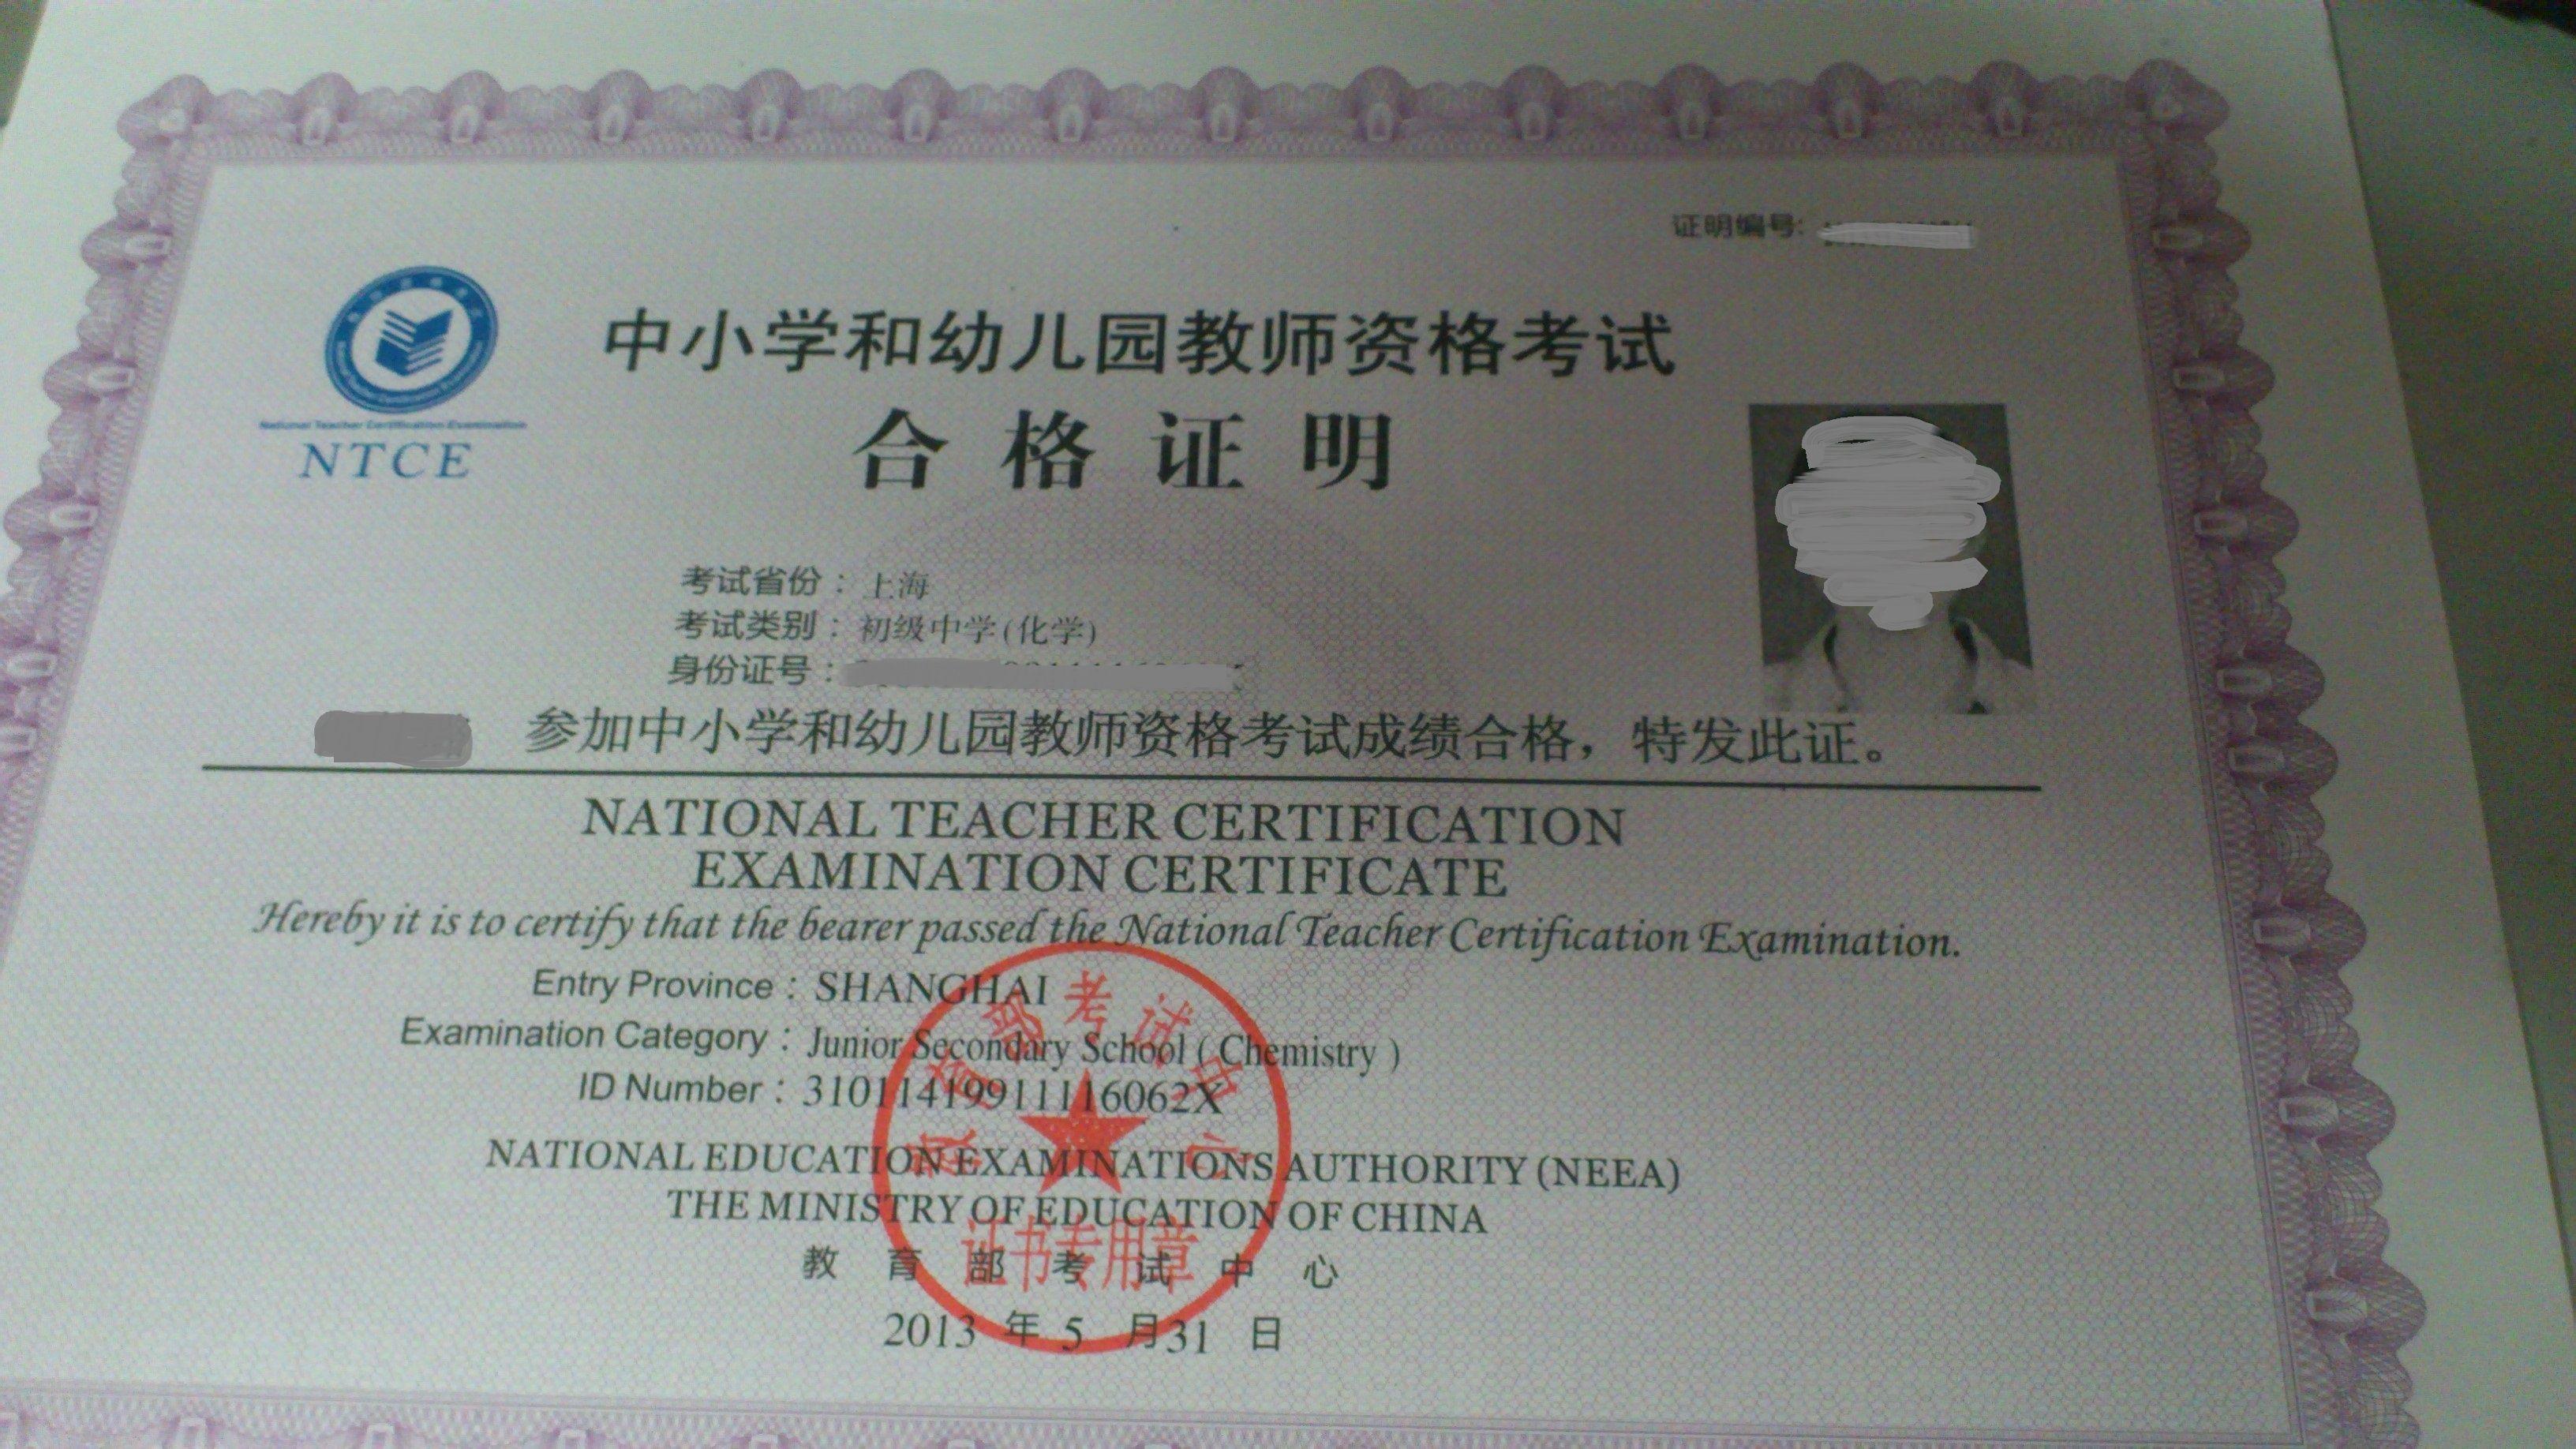 中小学教师资格考�_《中小学和幼儿园教师资格考试合格证明》的有效期_